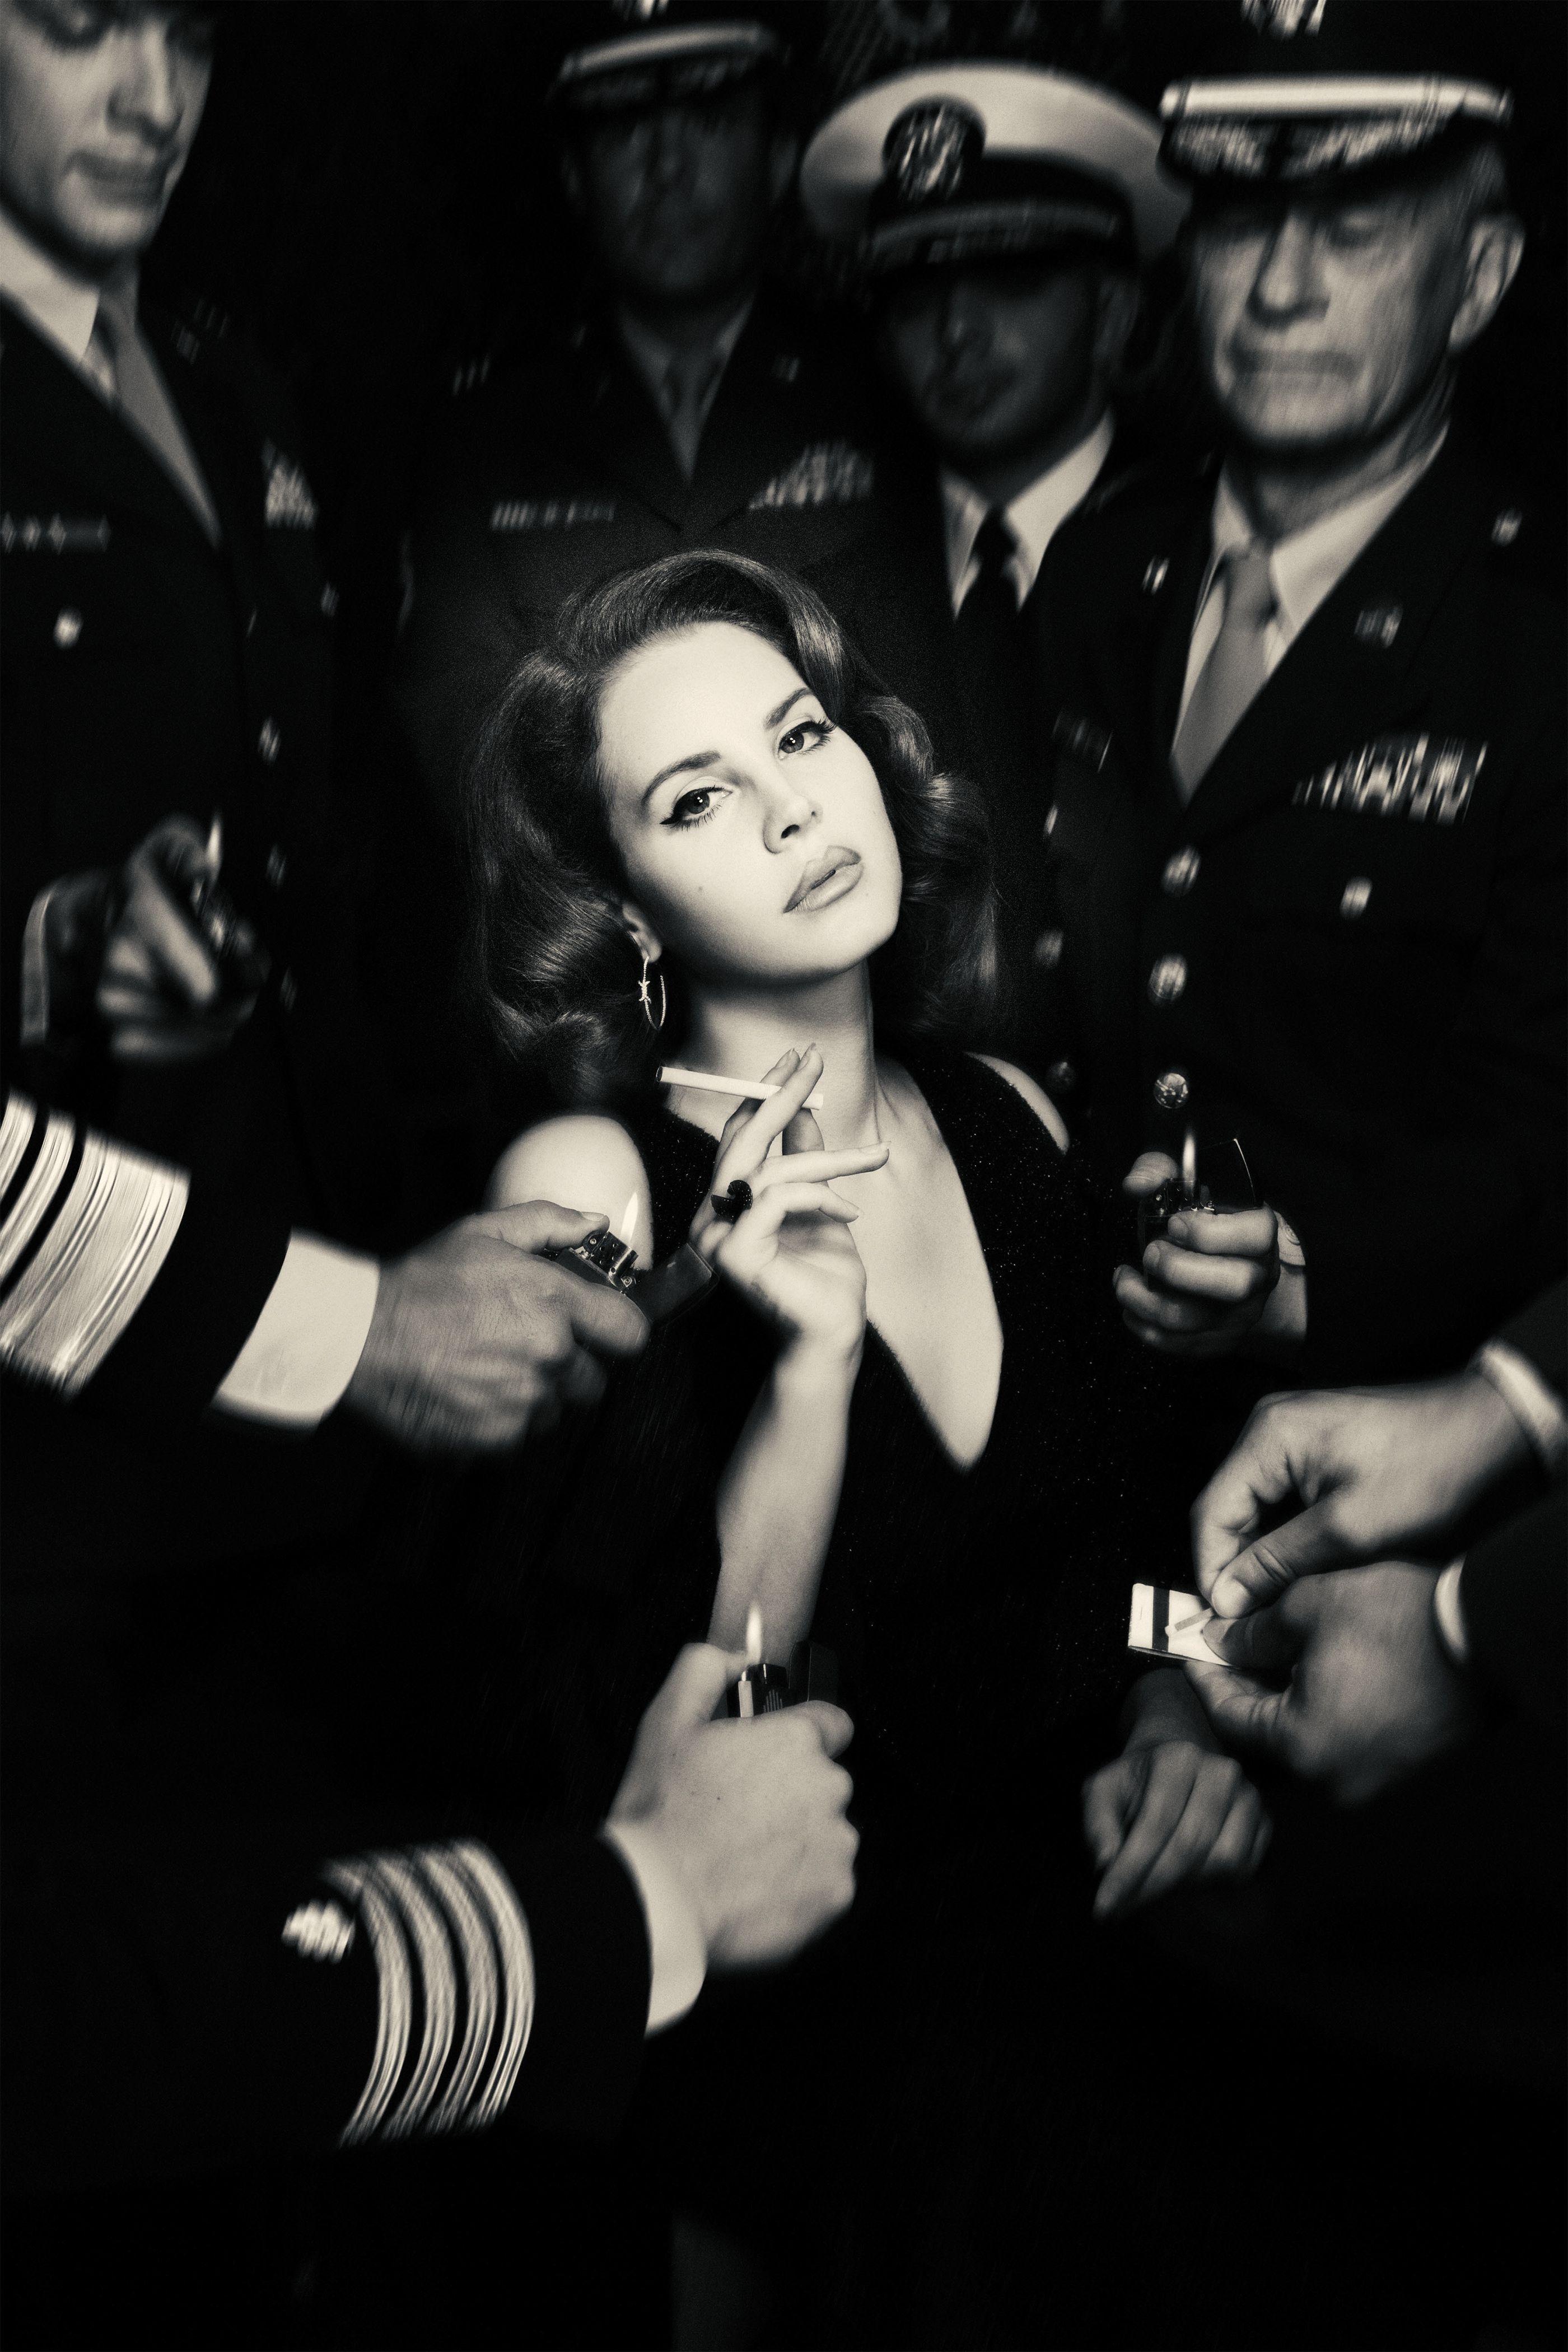 Complex Lana Del Rey On Behance Hus In 2019 Lana Del Ray Lana Del Ray Style Lana Del Rey